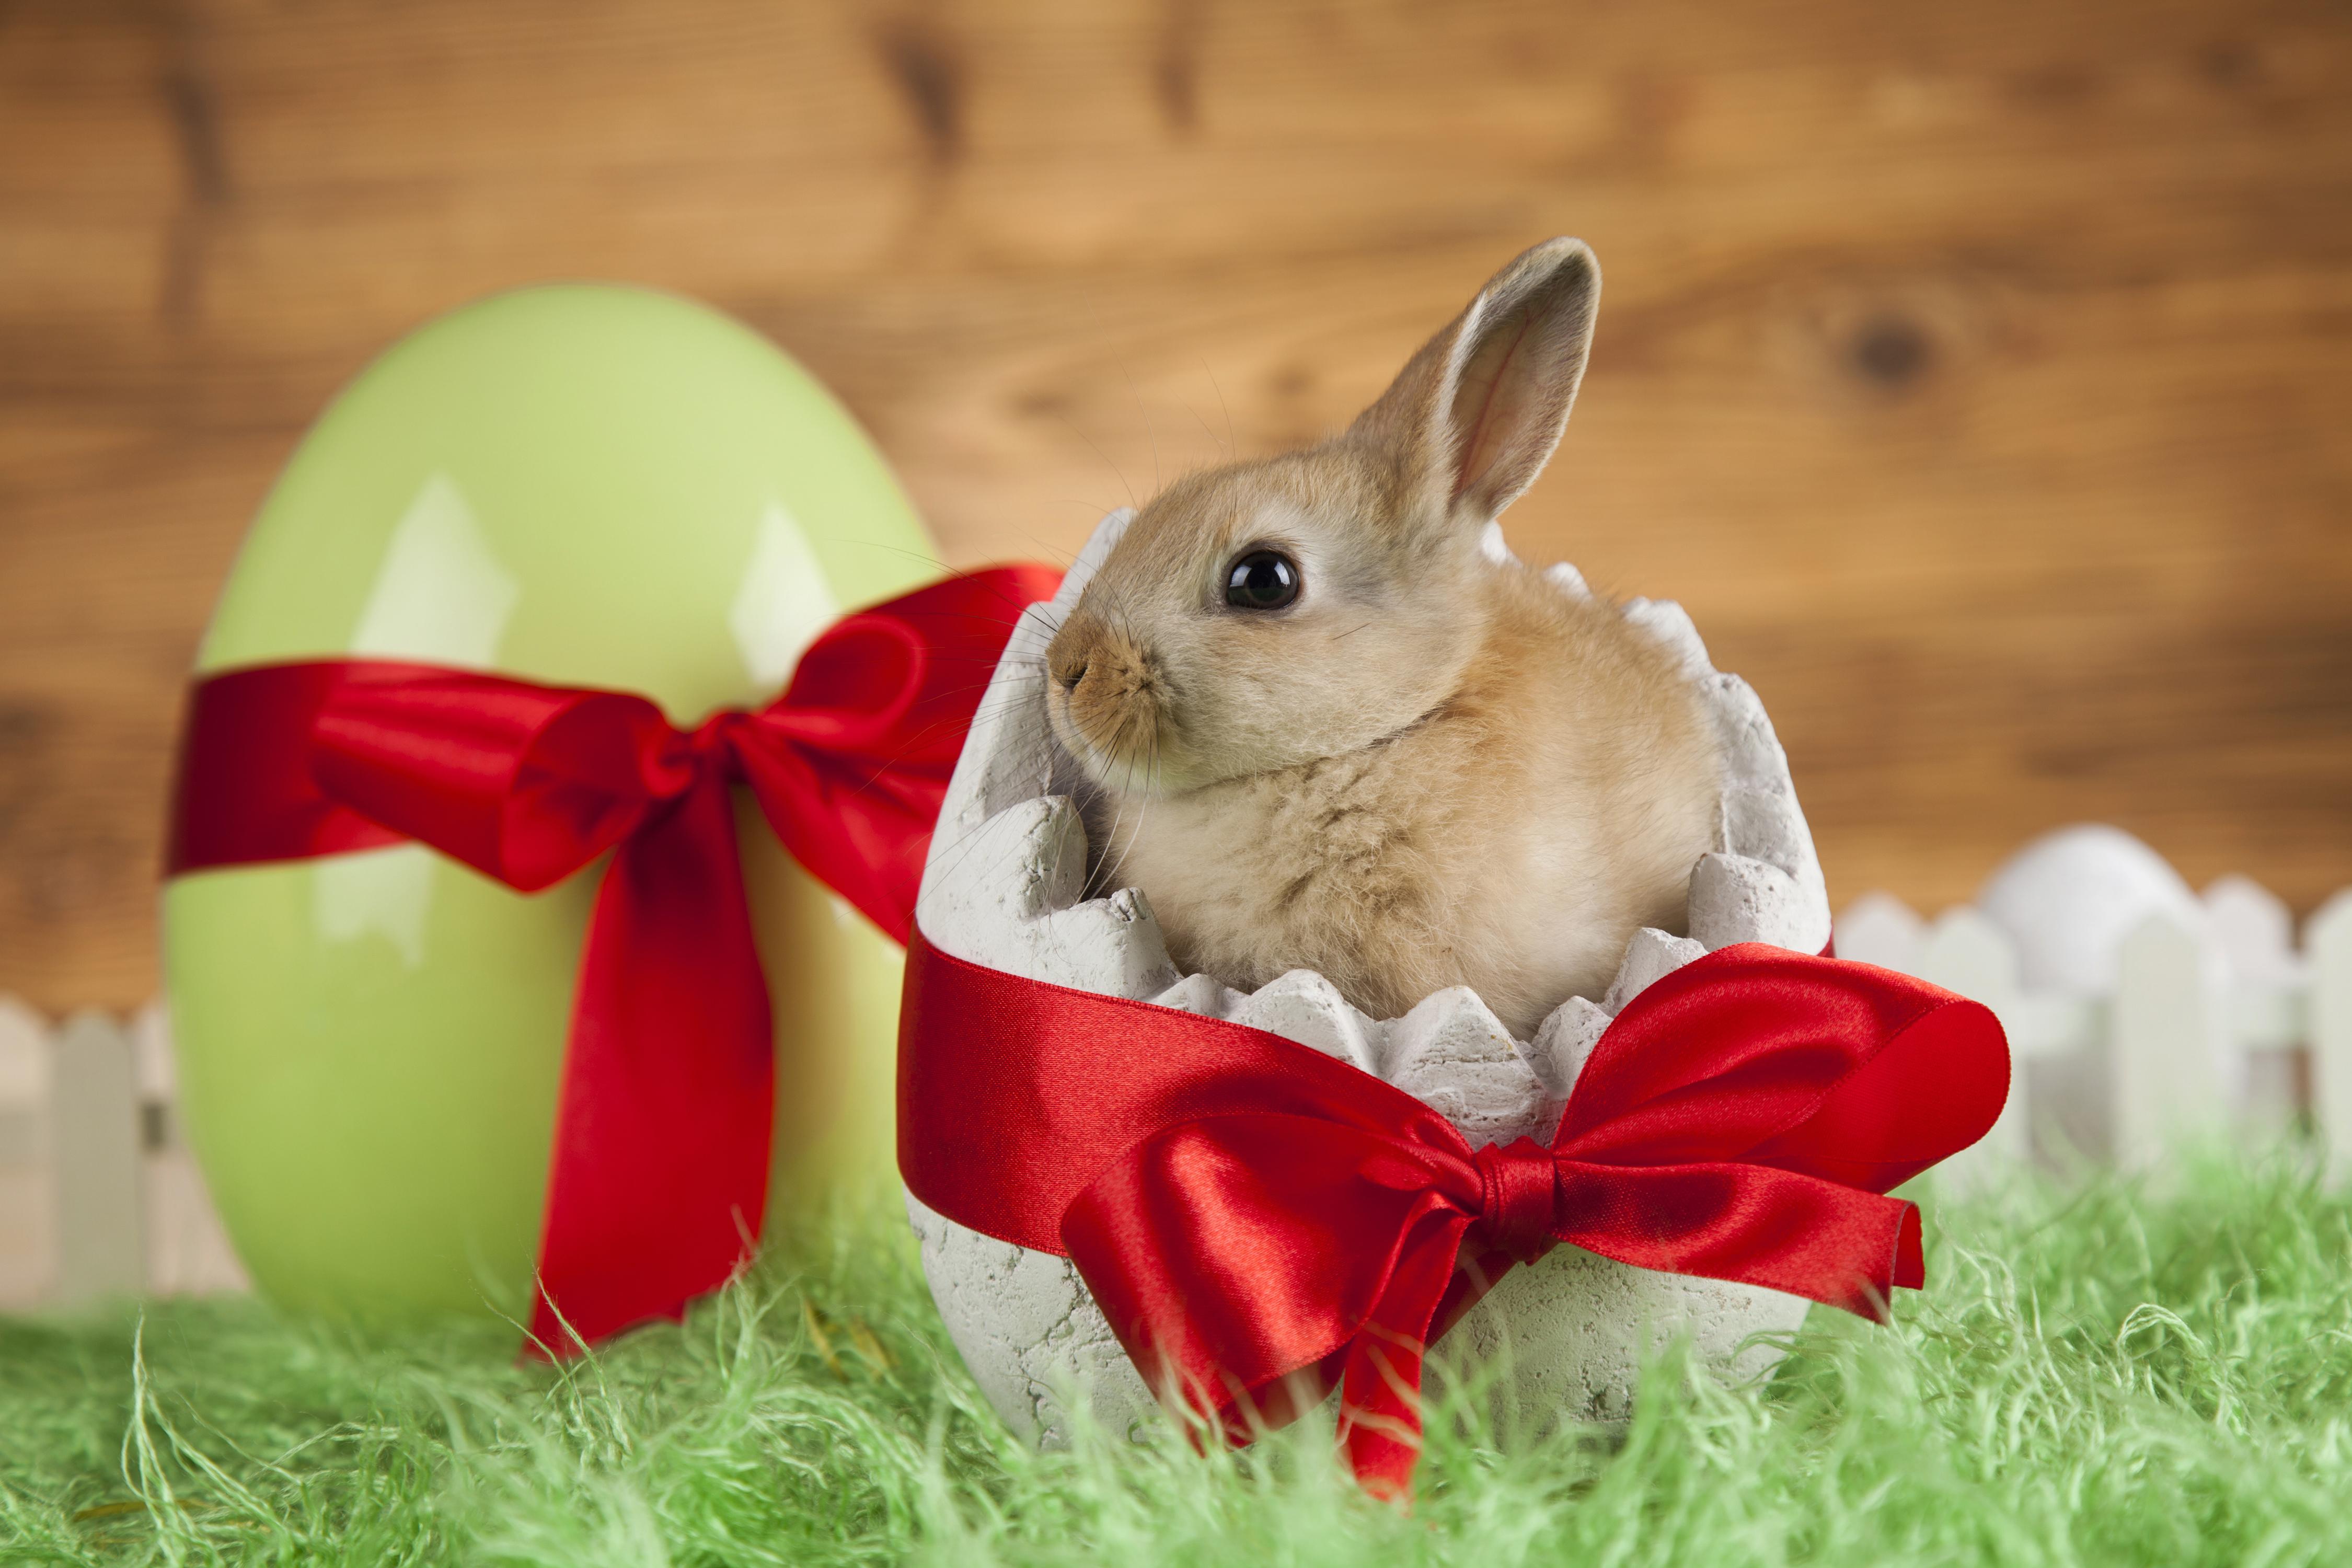 Картинки Пасха Кролики Детеныши Яйца бантики Животные 4500x3000 кролик яиц яйцо яйцами бант Бантик животное